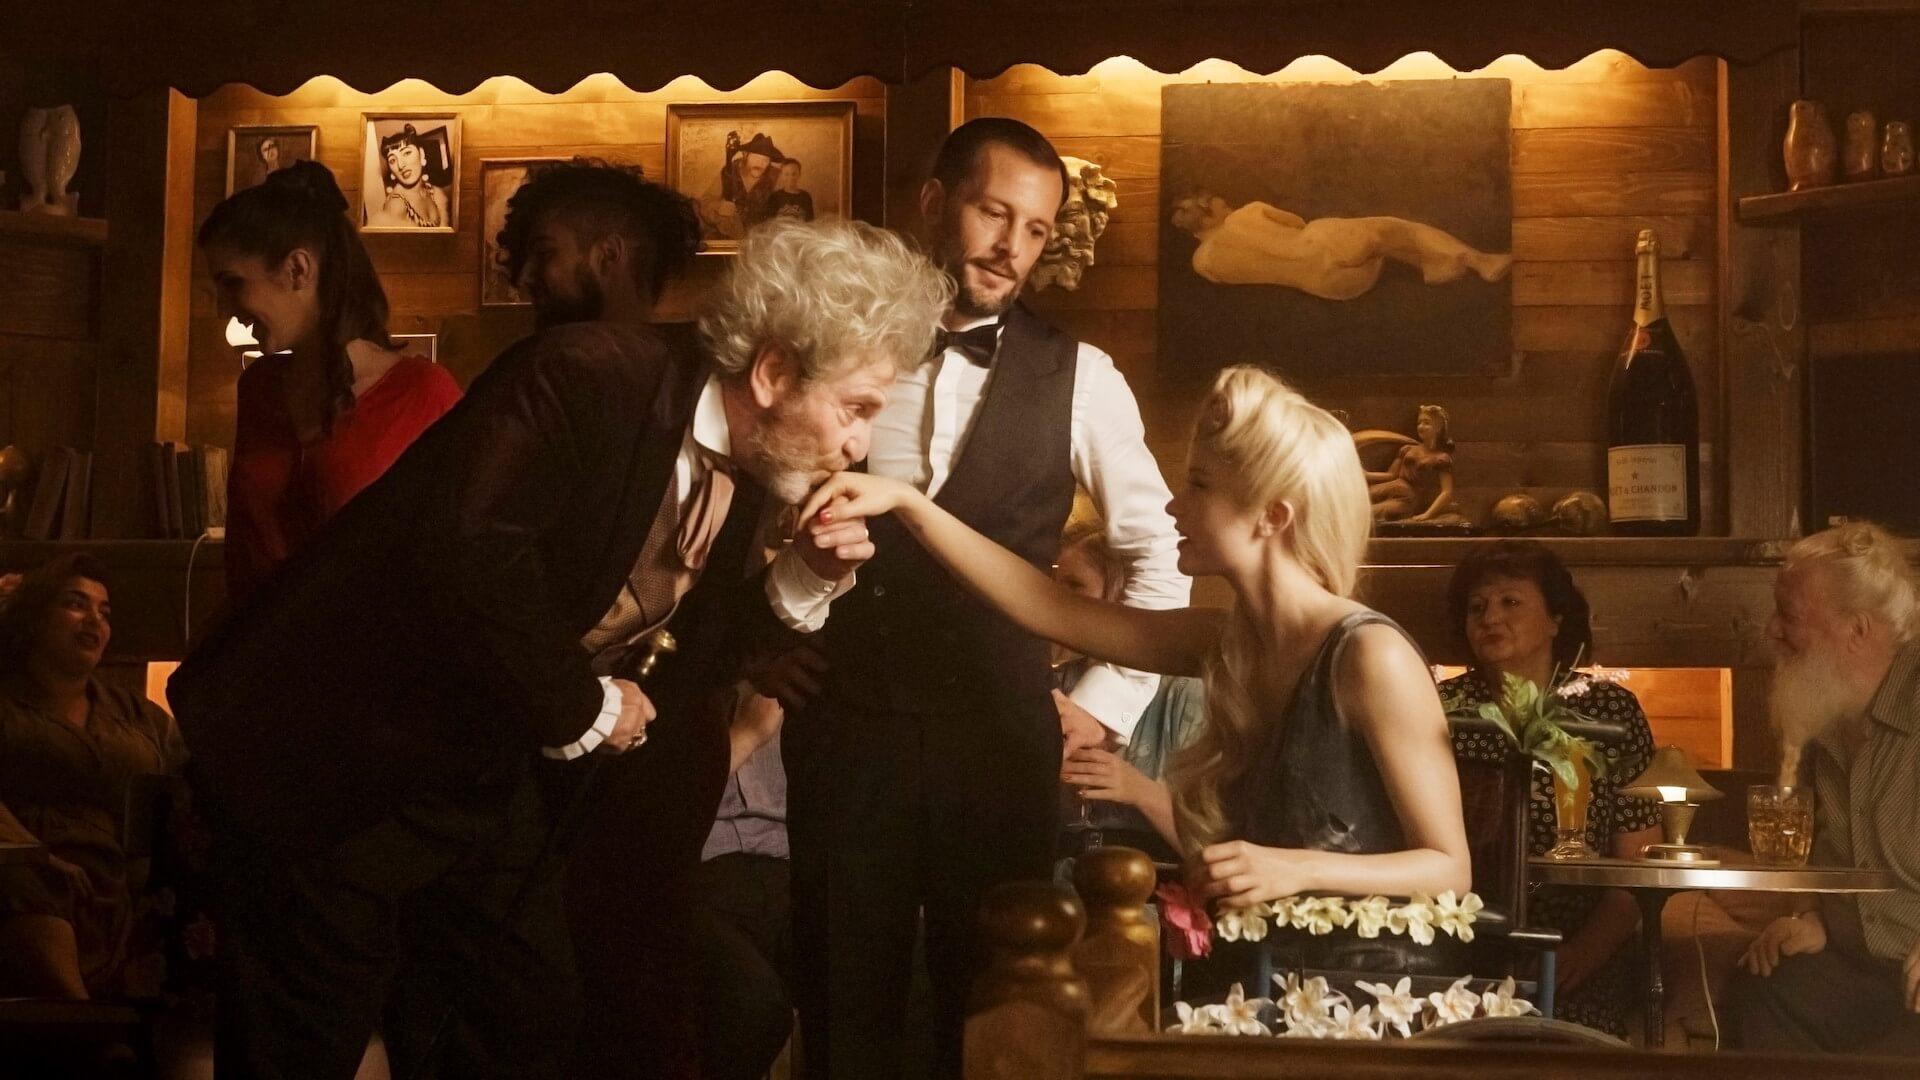 「私の歌を聞いた男は、恋に落ちて心臓が破裂する」パリを舞台に人魚のラブストーリーを描いた映画『マーメイド・イン・パリ』が2月公開 本編映像が解禁 film210113-mermaidinparis-5